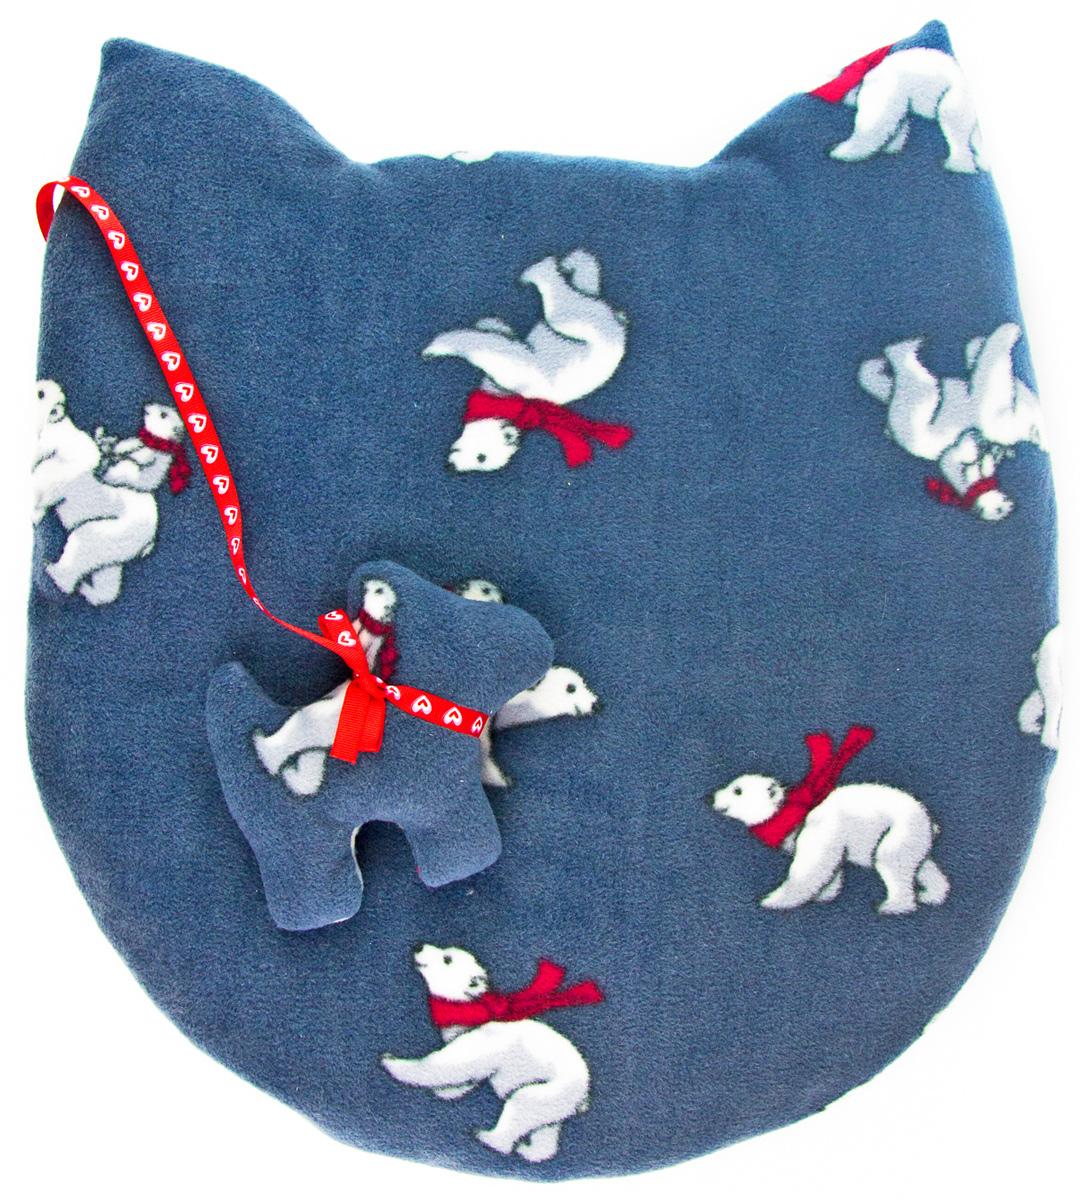 Лежак-коврик для животных Zoobaloo Мордашка. Мишки, с игрушкой, 45 х 50 см1112Великолепный флисовый лежак-коврик Zoobaloo - это отличный аксессуар для вашего питомца, на котором можно спать, играться и снова, приятно устав, заснуть. Он идеально подходит для полов с любым покрытием. Изделие поддерживает температурный баланс вашего питомца в любое время года. Наполнитель выполнен из синтепона.